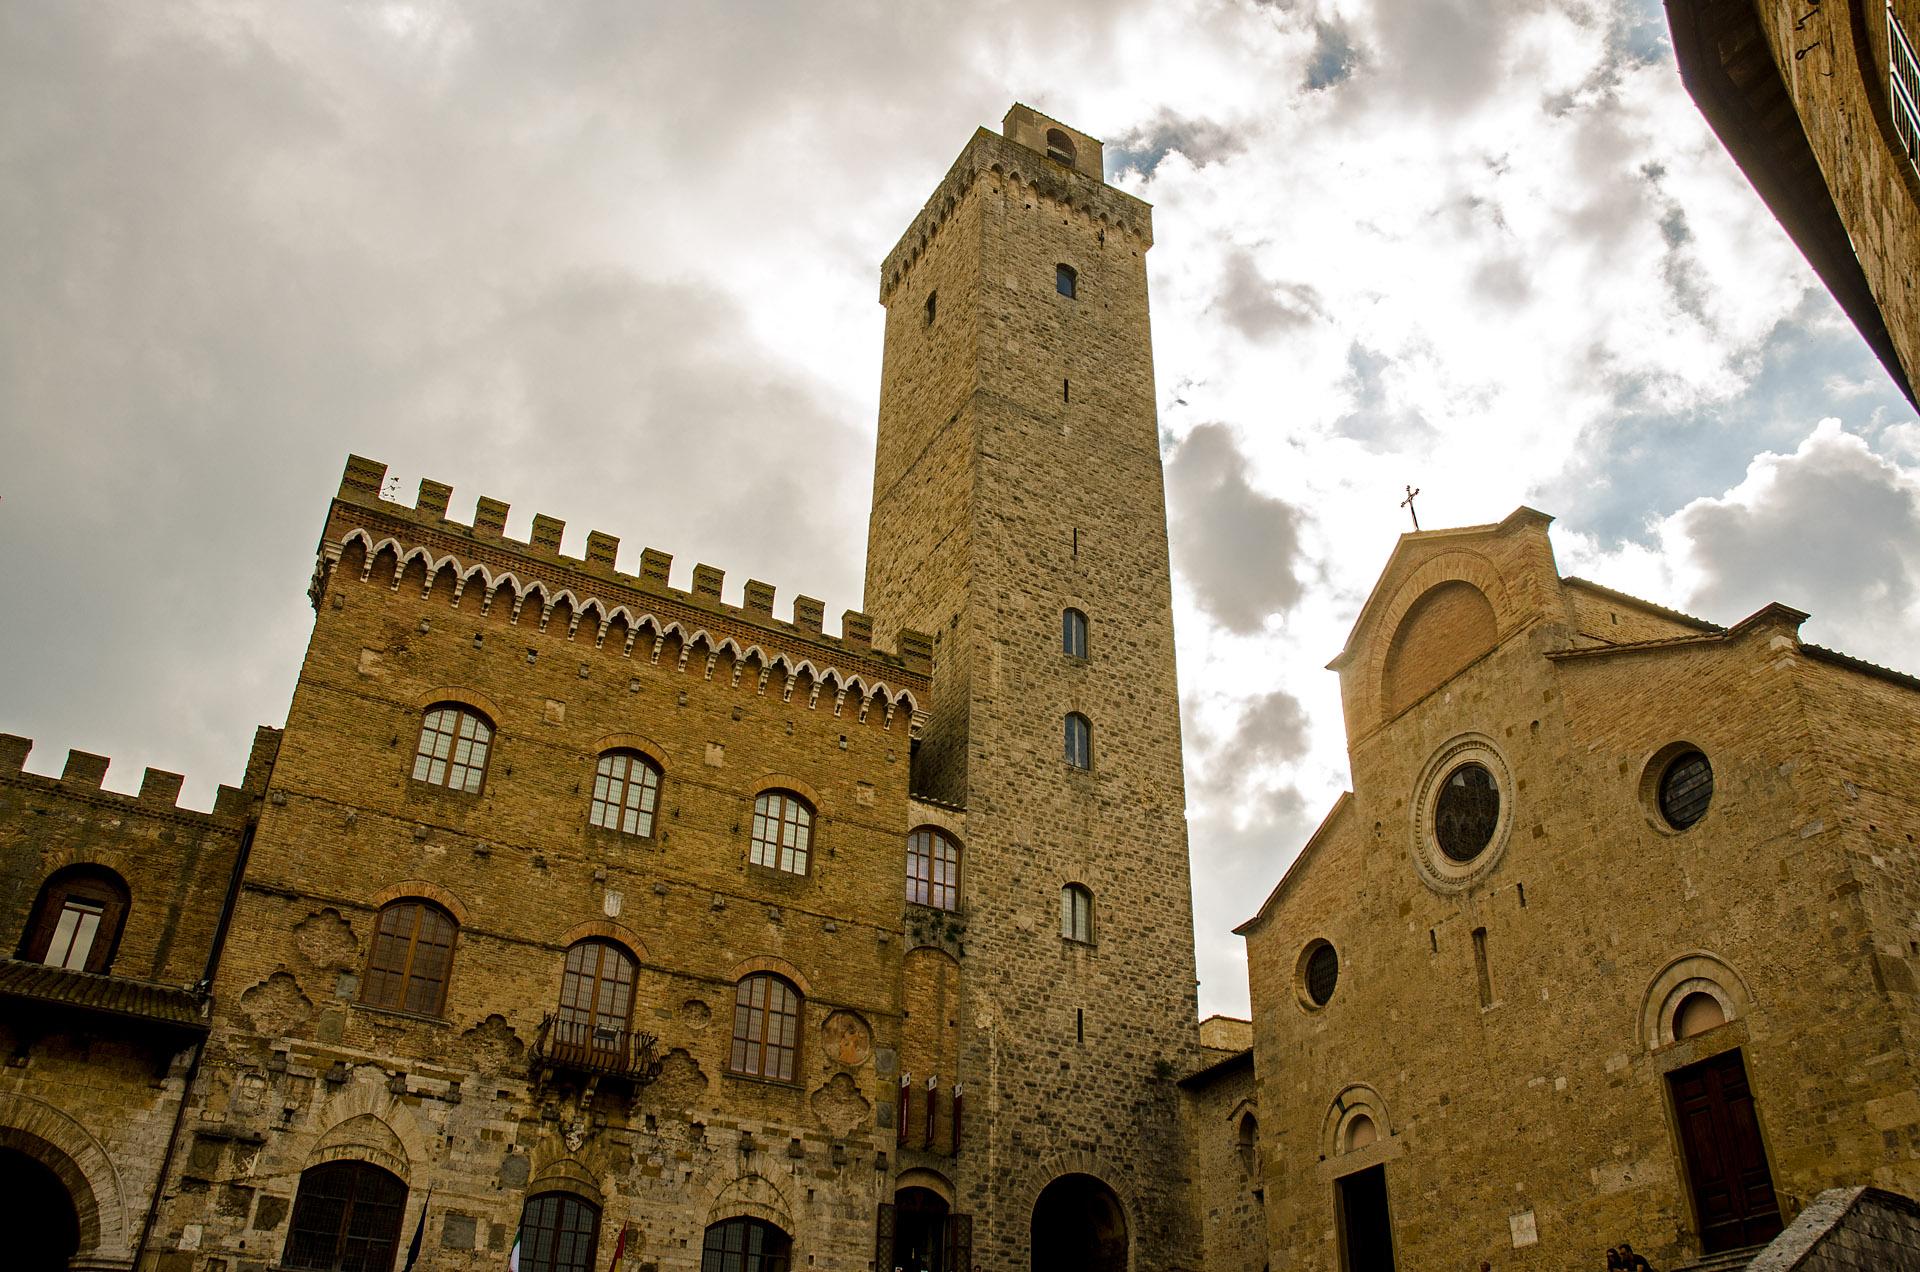 Torre Grossa & Church of Santa Maria Assunta